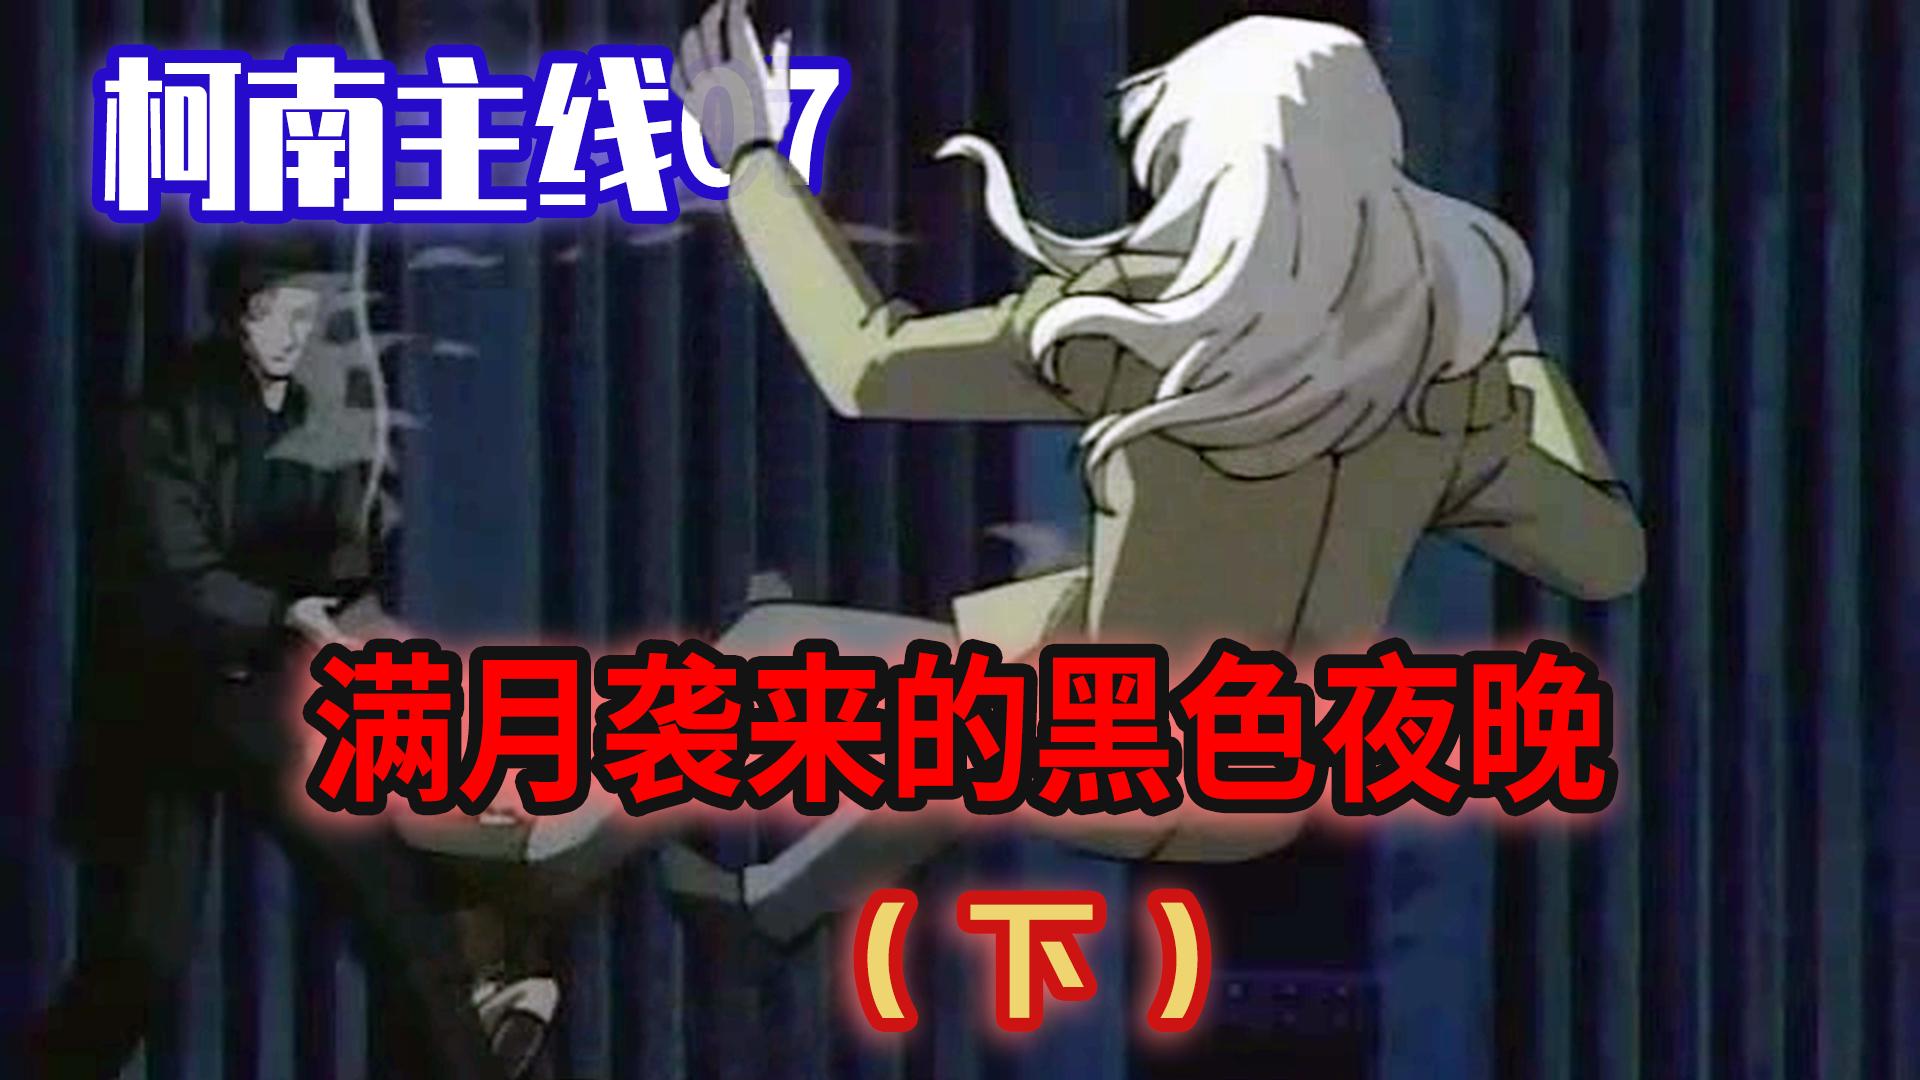 【柯南主线回顾07下】满月篇!柯南全盘谋划,6层反转看得大呼过瘾